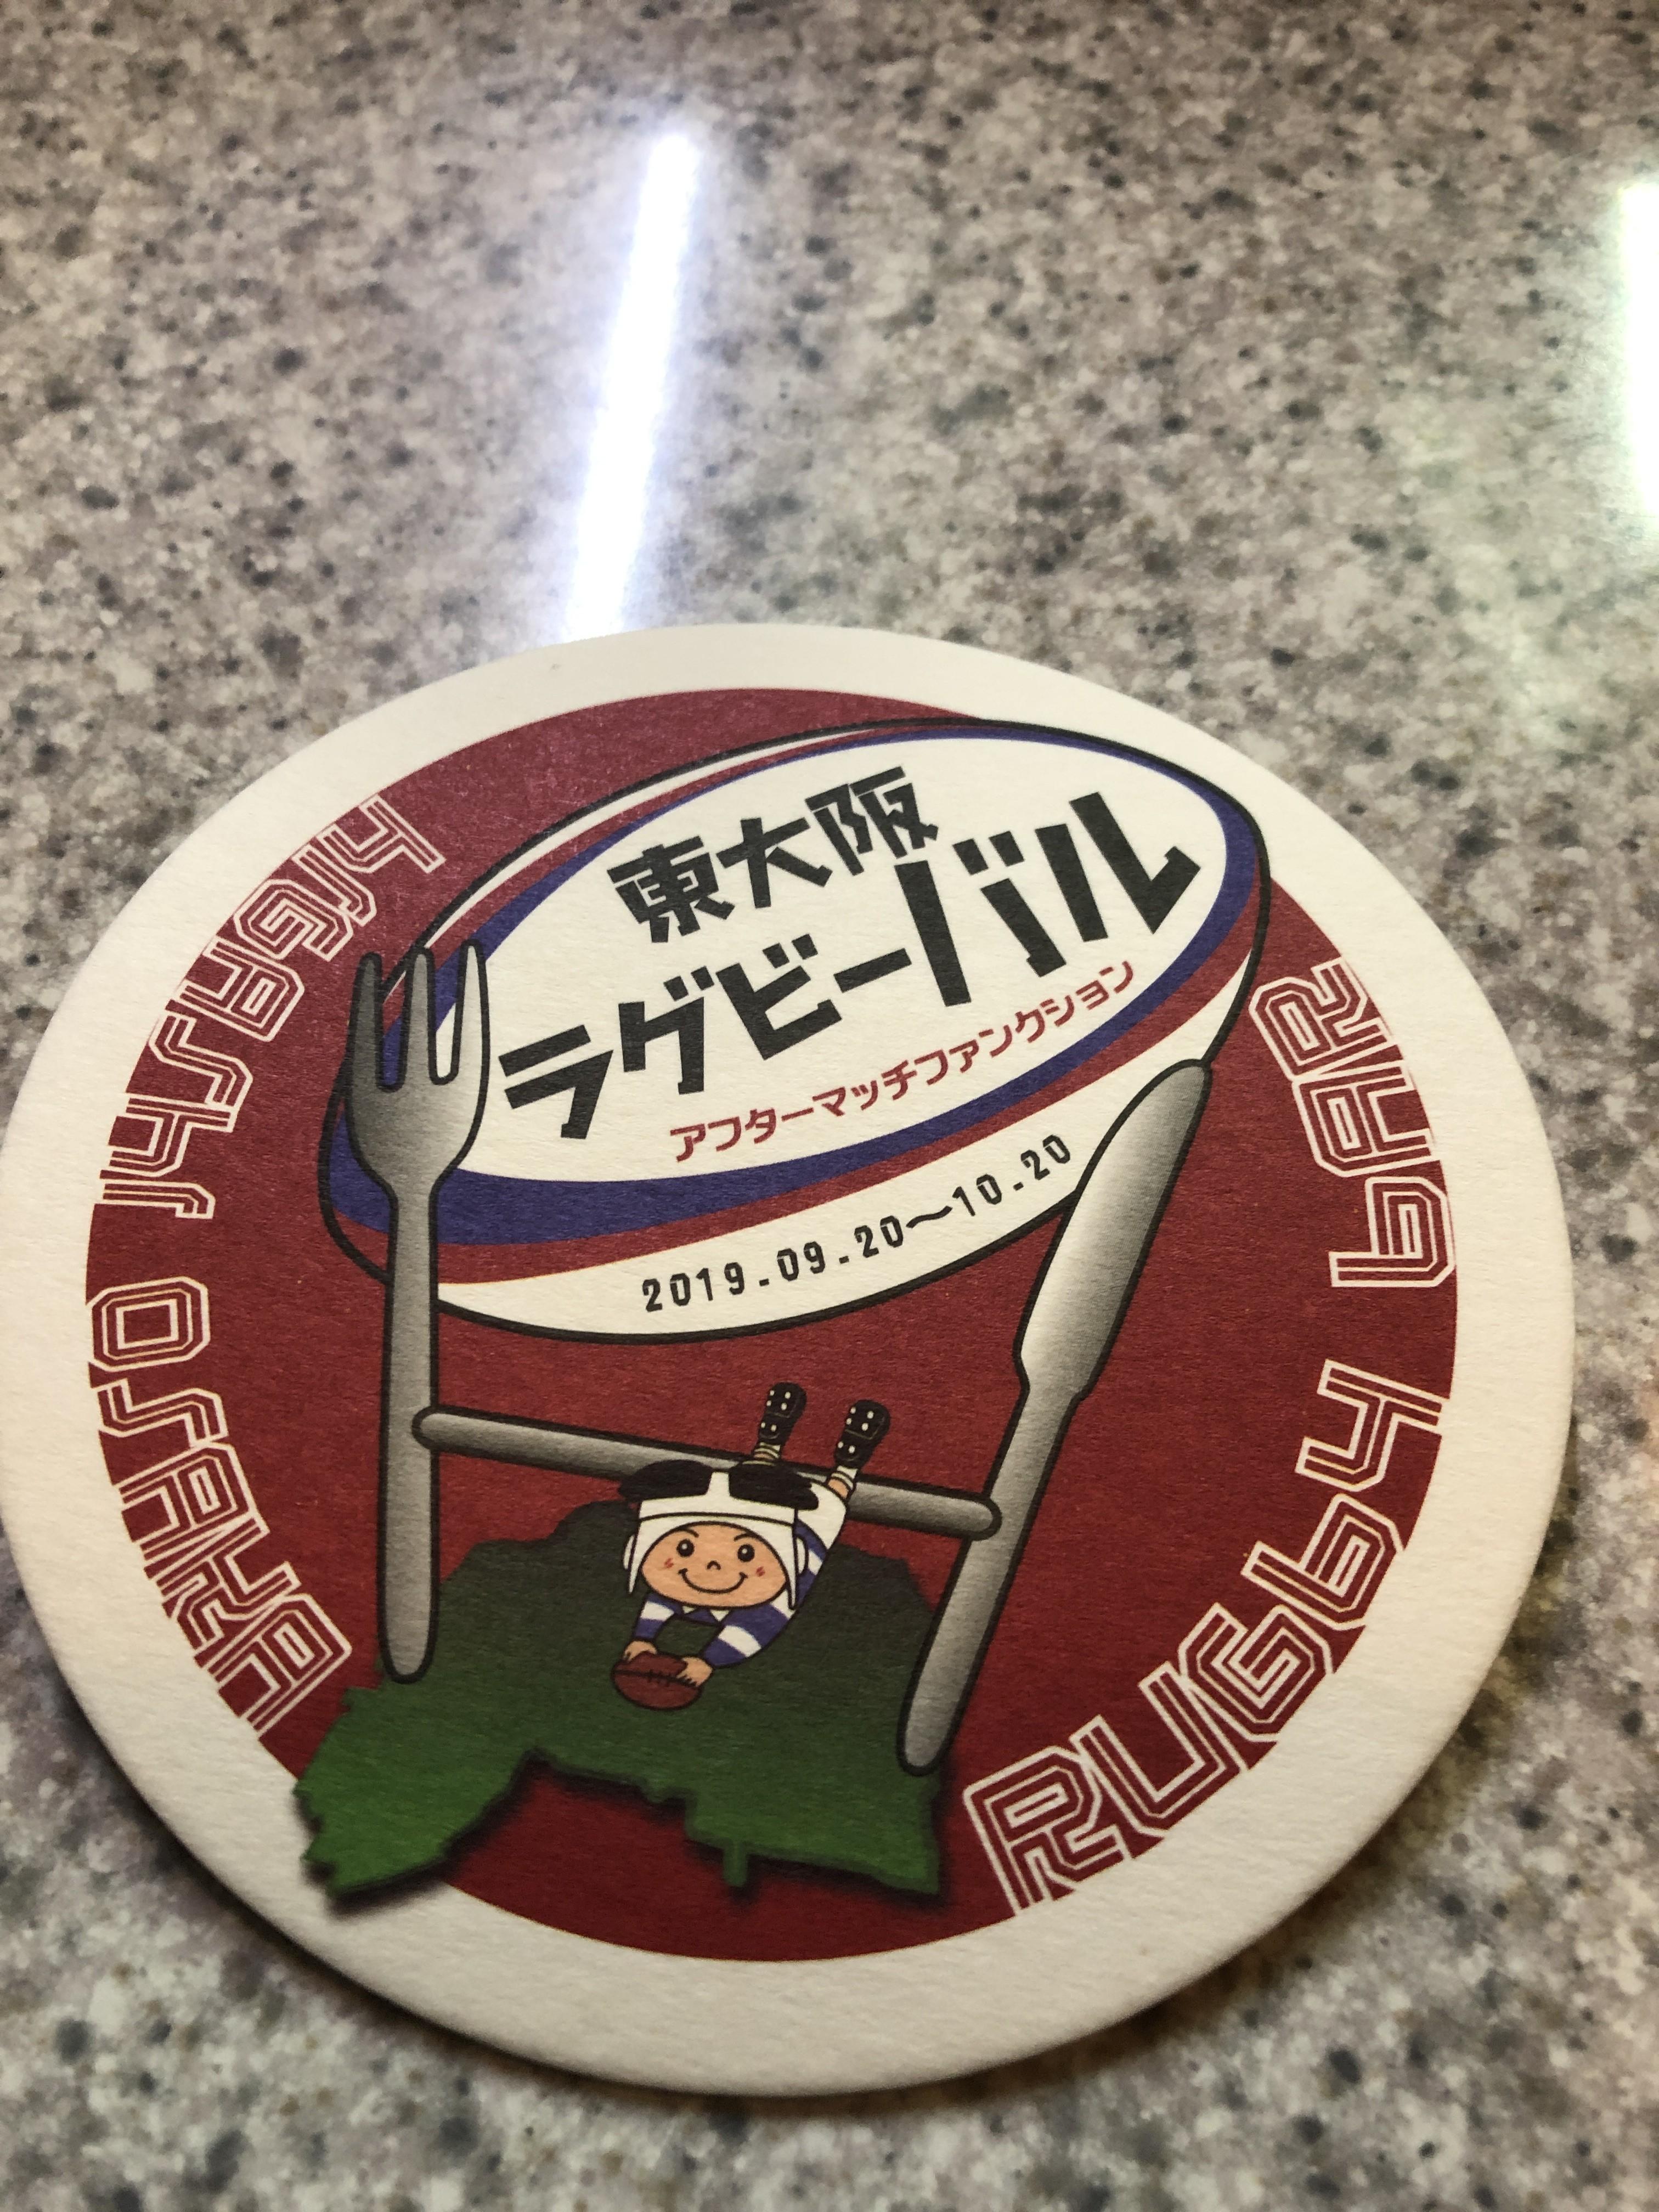 ラグビーバル in東大阪 part1